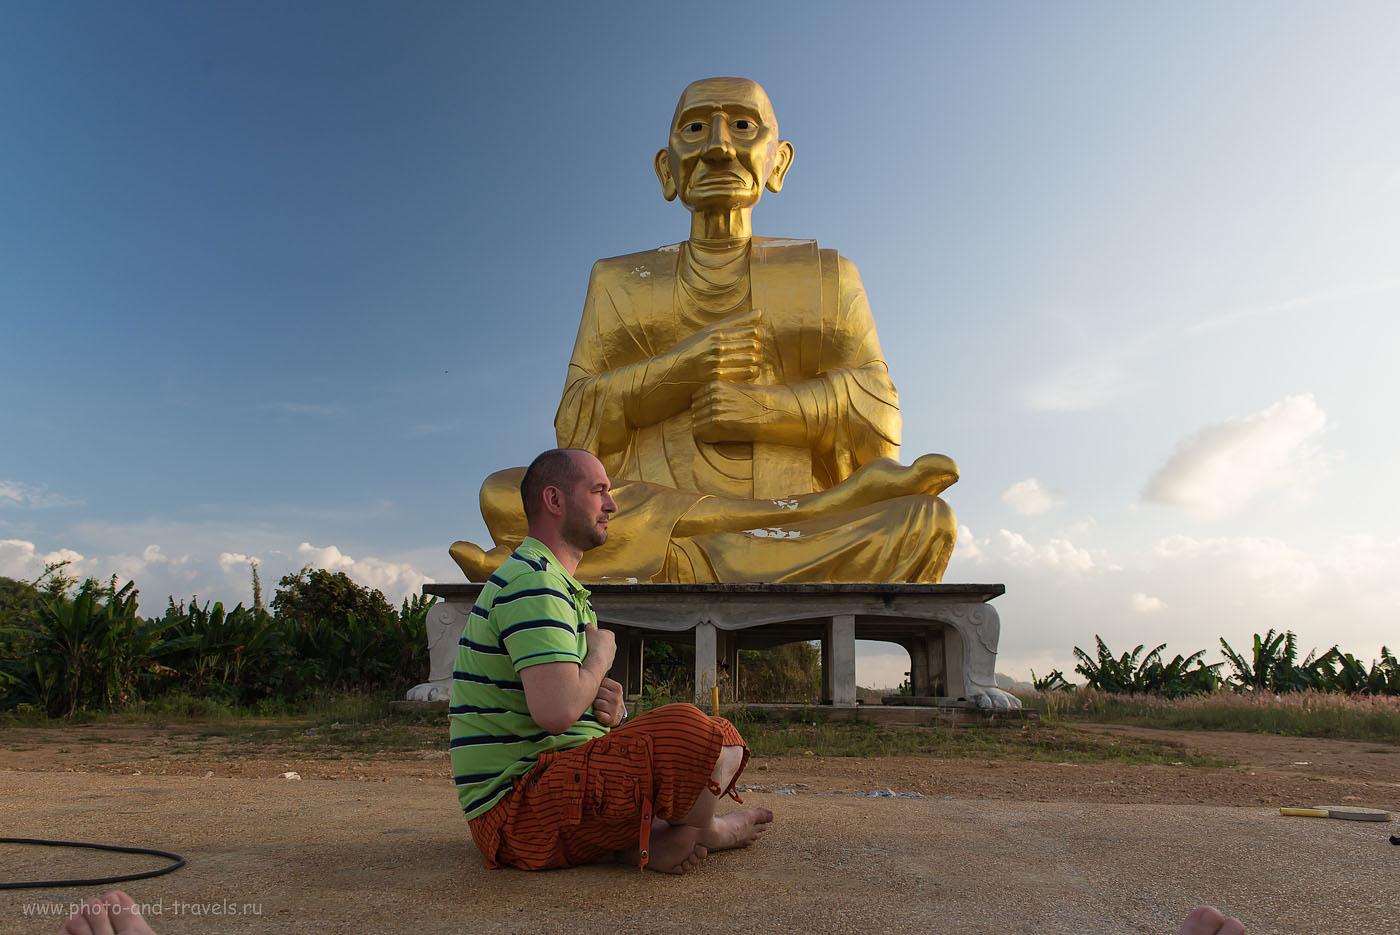 Фото 16. На закате дня. Поездка из Кхао Сам Рой Йот, что недалеко от Хуахина, в Чумпхон. Отзывы о путешествии по Таиланду самостоятельно (320, 24, 7.1, 1/250)